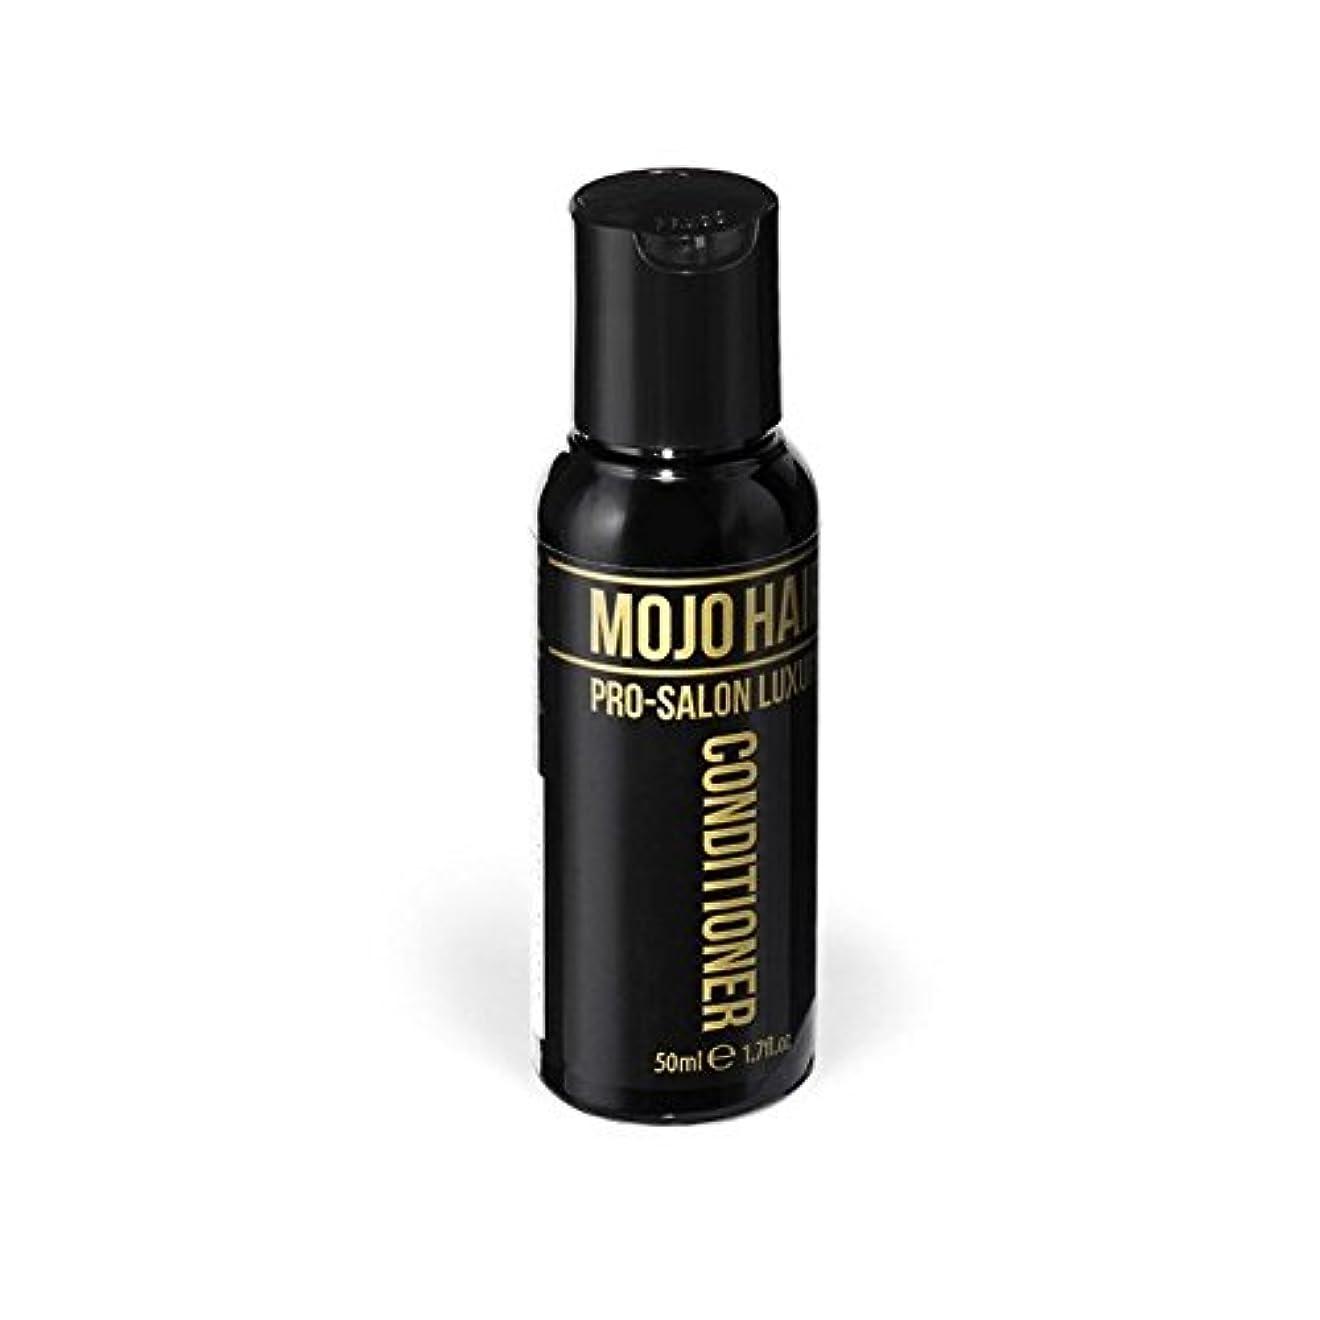 小屋投獄膨張するモジョの毛プロのサロンの贅沢なコンディショナー(50ミリリットル) x4 - Mojo Hair Pro-Salon Luxury Conditioner (50ml) (Pack of 4) [並行輸入品]